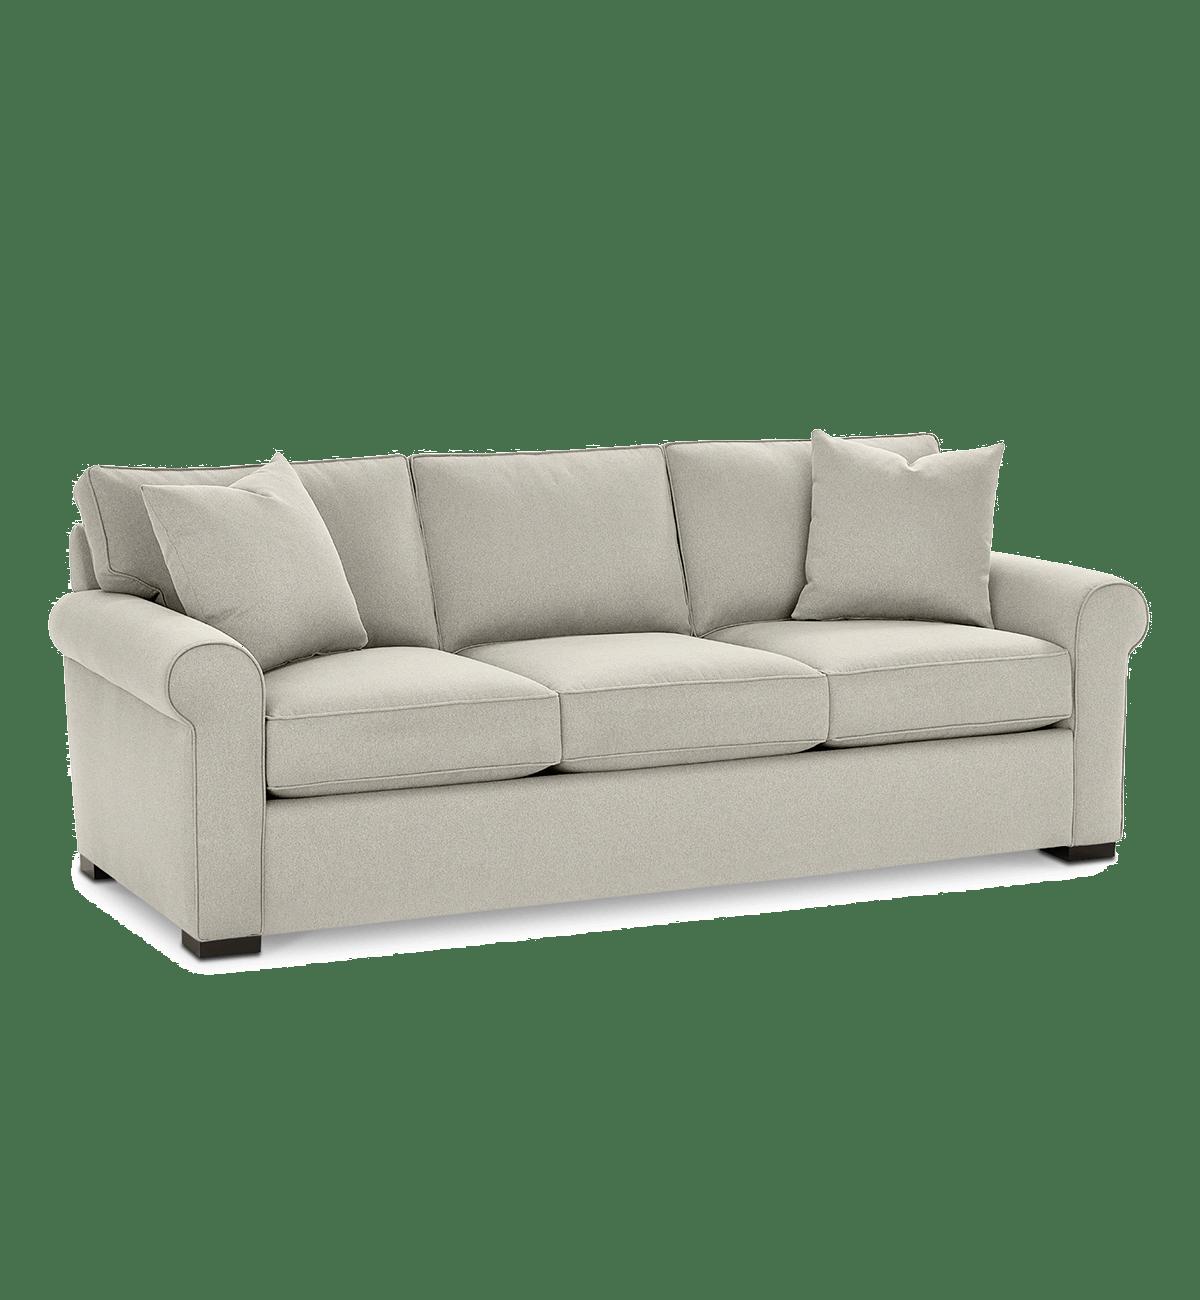 martha stewart sofa saybridge review grey modern sleeper macy furniture home the honoroak